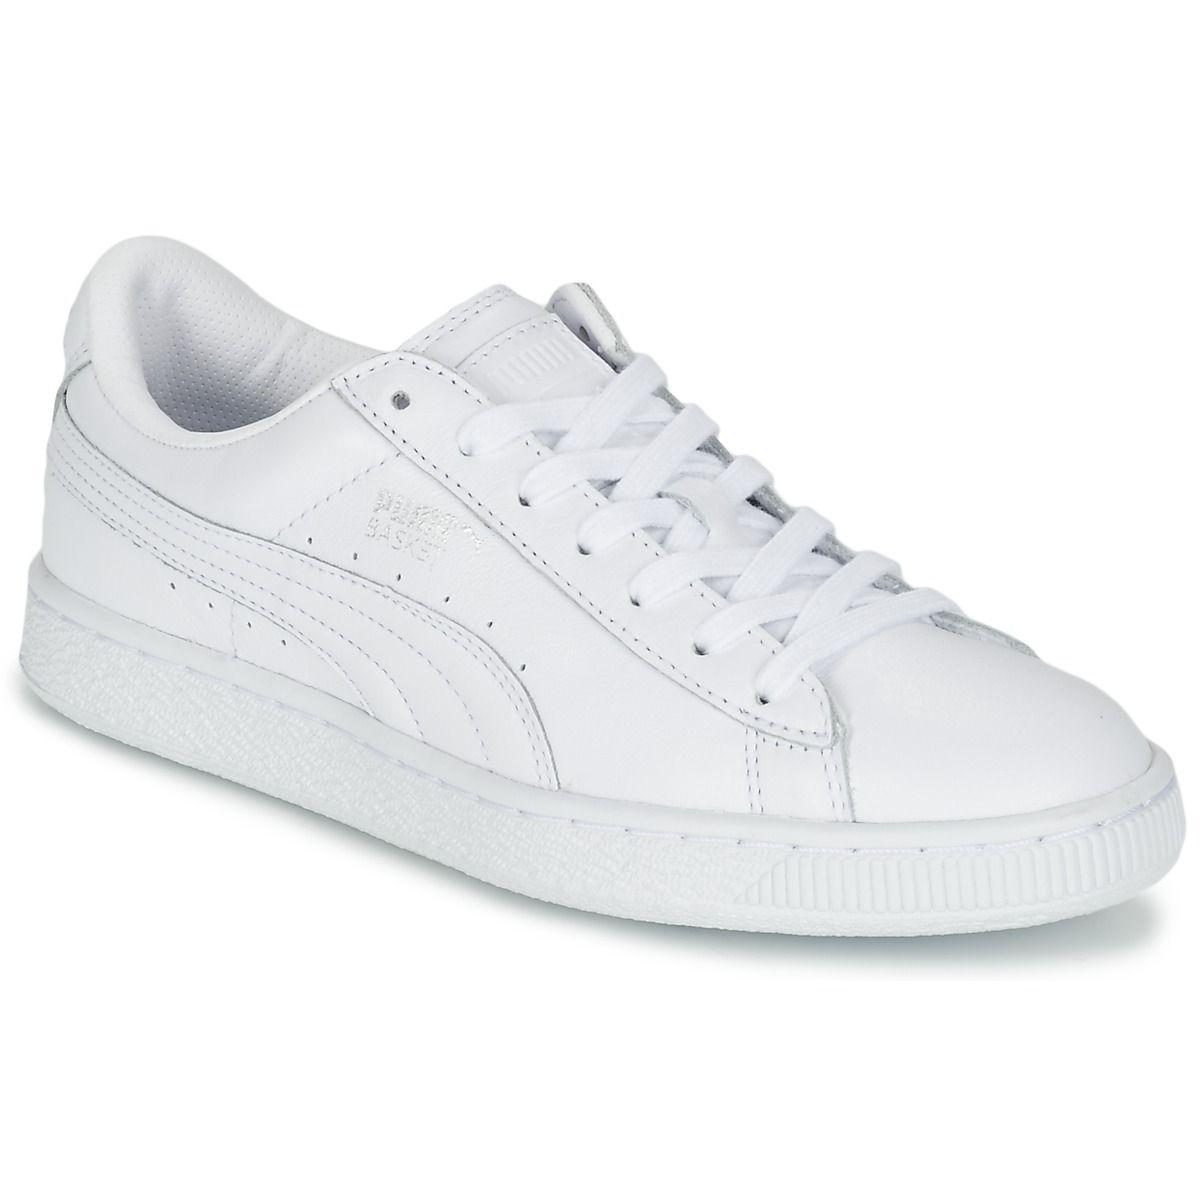 Puma Basket Classic LFS M White-White